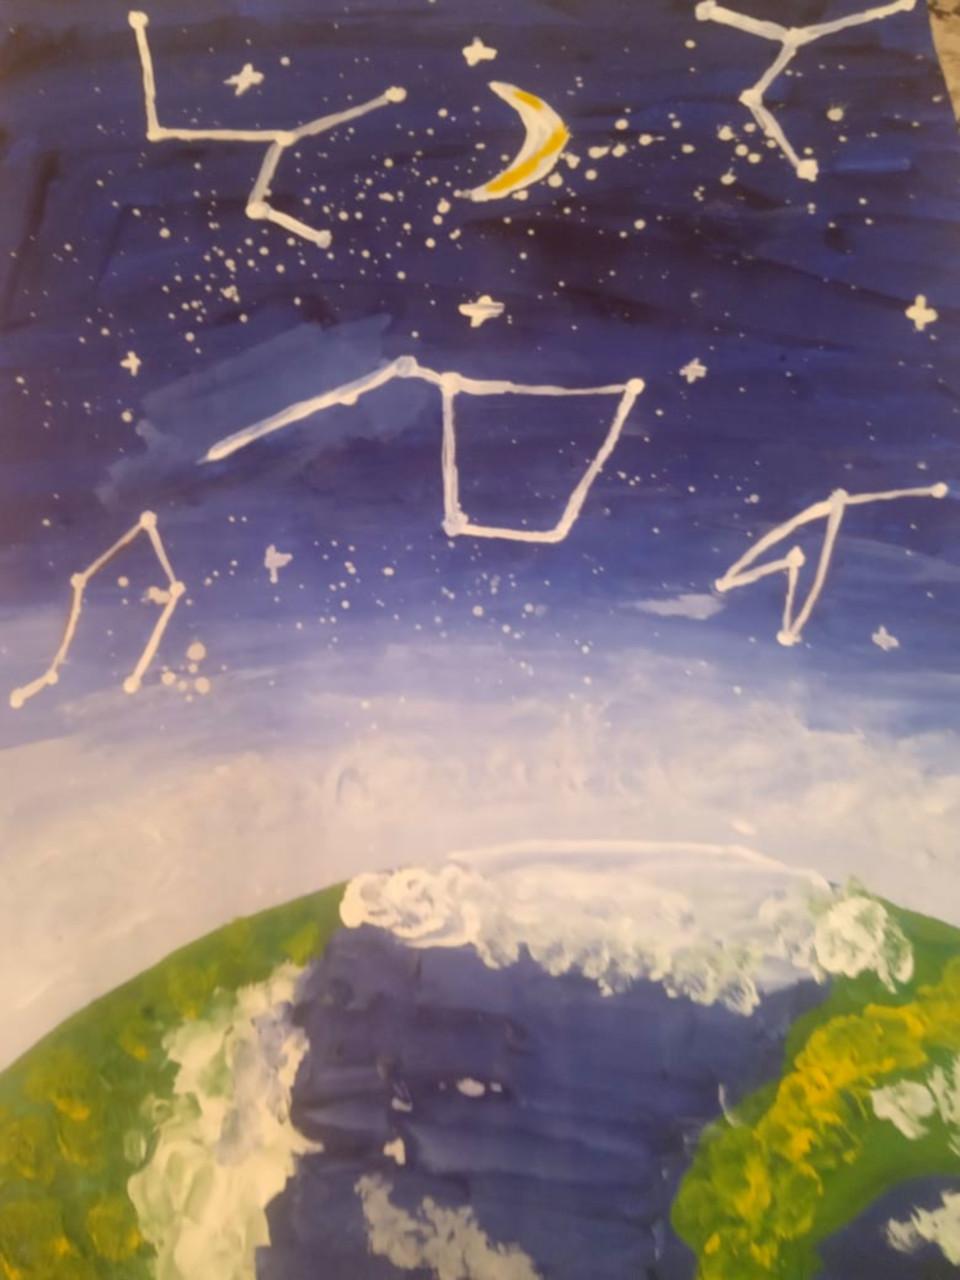 Порция позитива от юной художницы-самоучки из Каменска-Уральского. Картина из заголовка. Именно так должна выгладить планета Маленького Принца по мнению Леры.